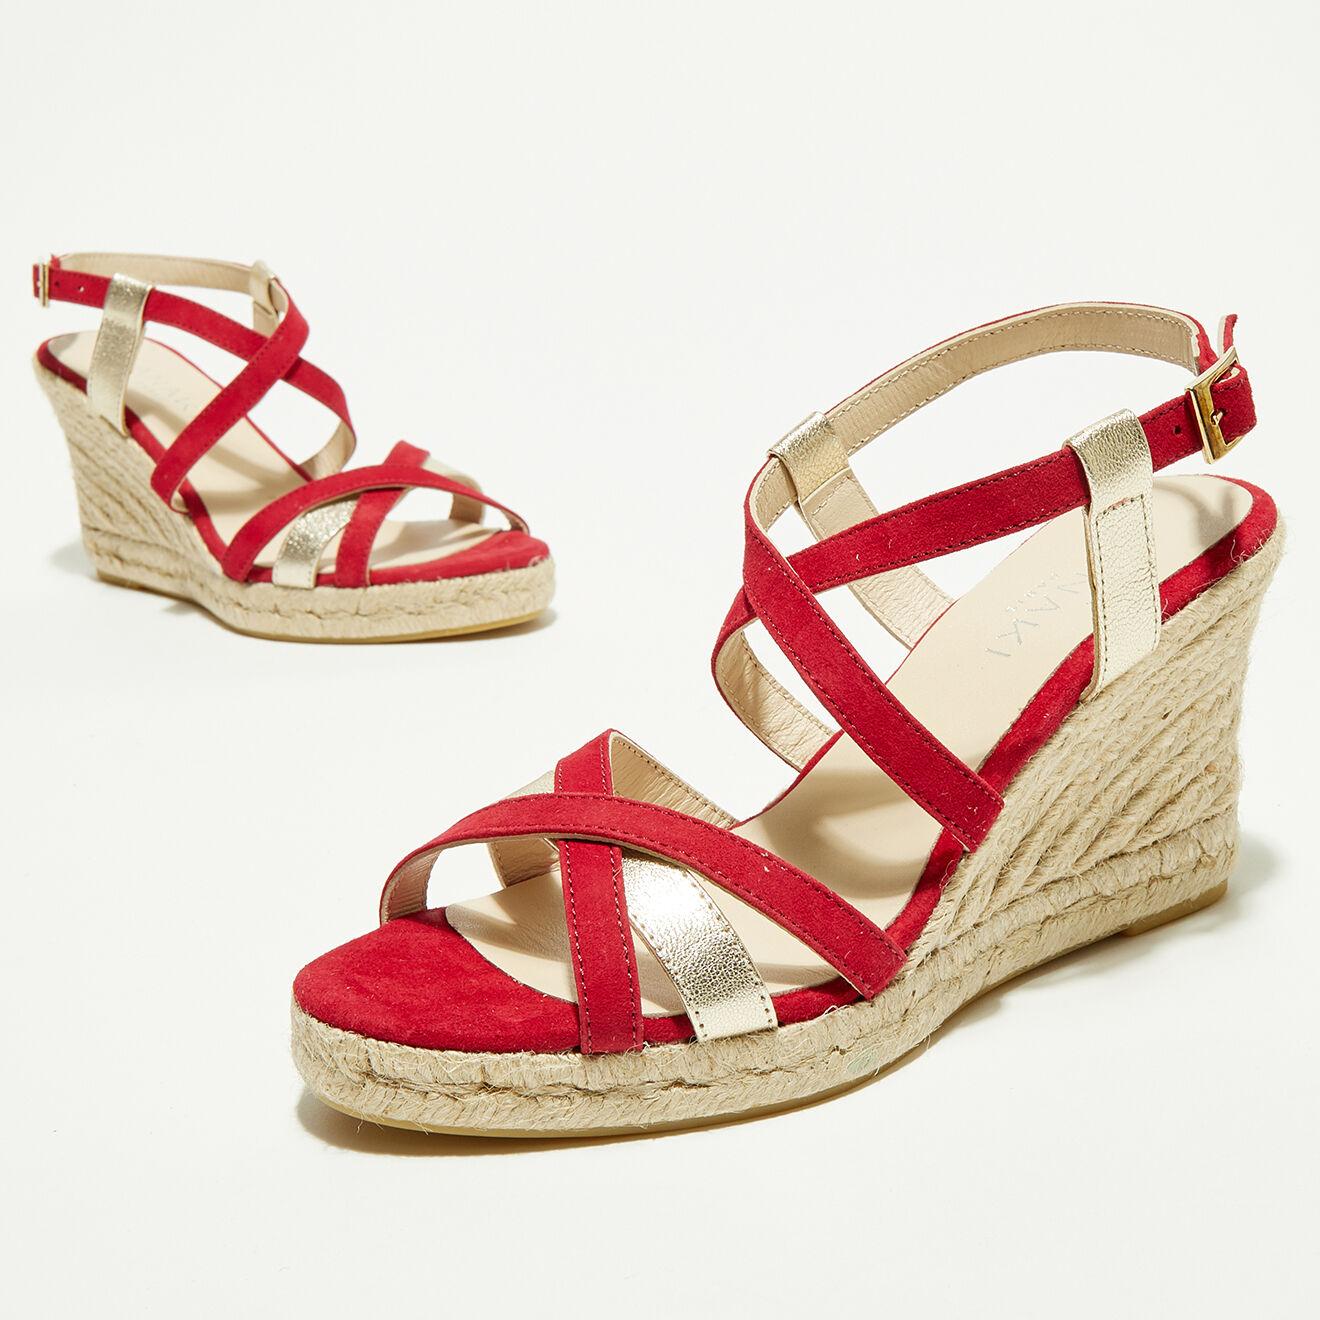 Sandales compensées en Velours de Cuir Anette rouges - Talon 7 cm - Anaki - Modalova